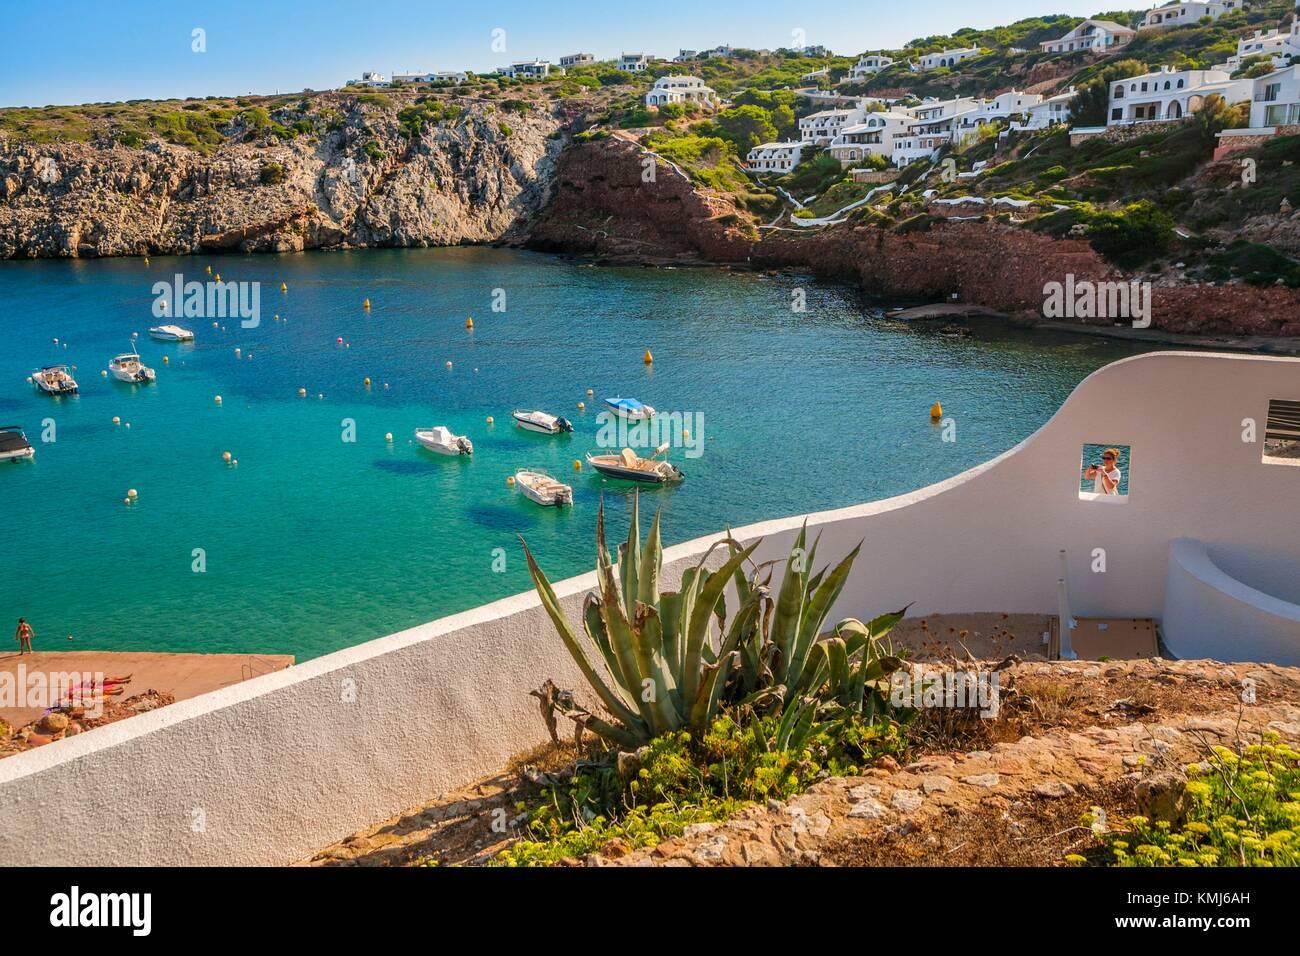 Cala Morell Bay. Ciutadella de Menorca comune. Minorca. Isole Baleari. Spagna Immagini Stock